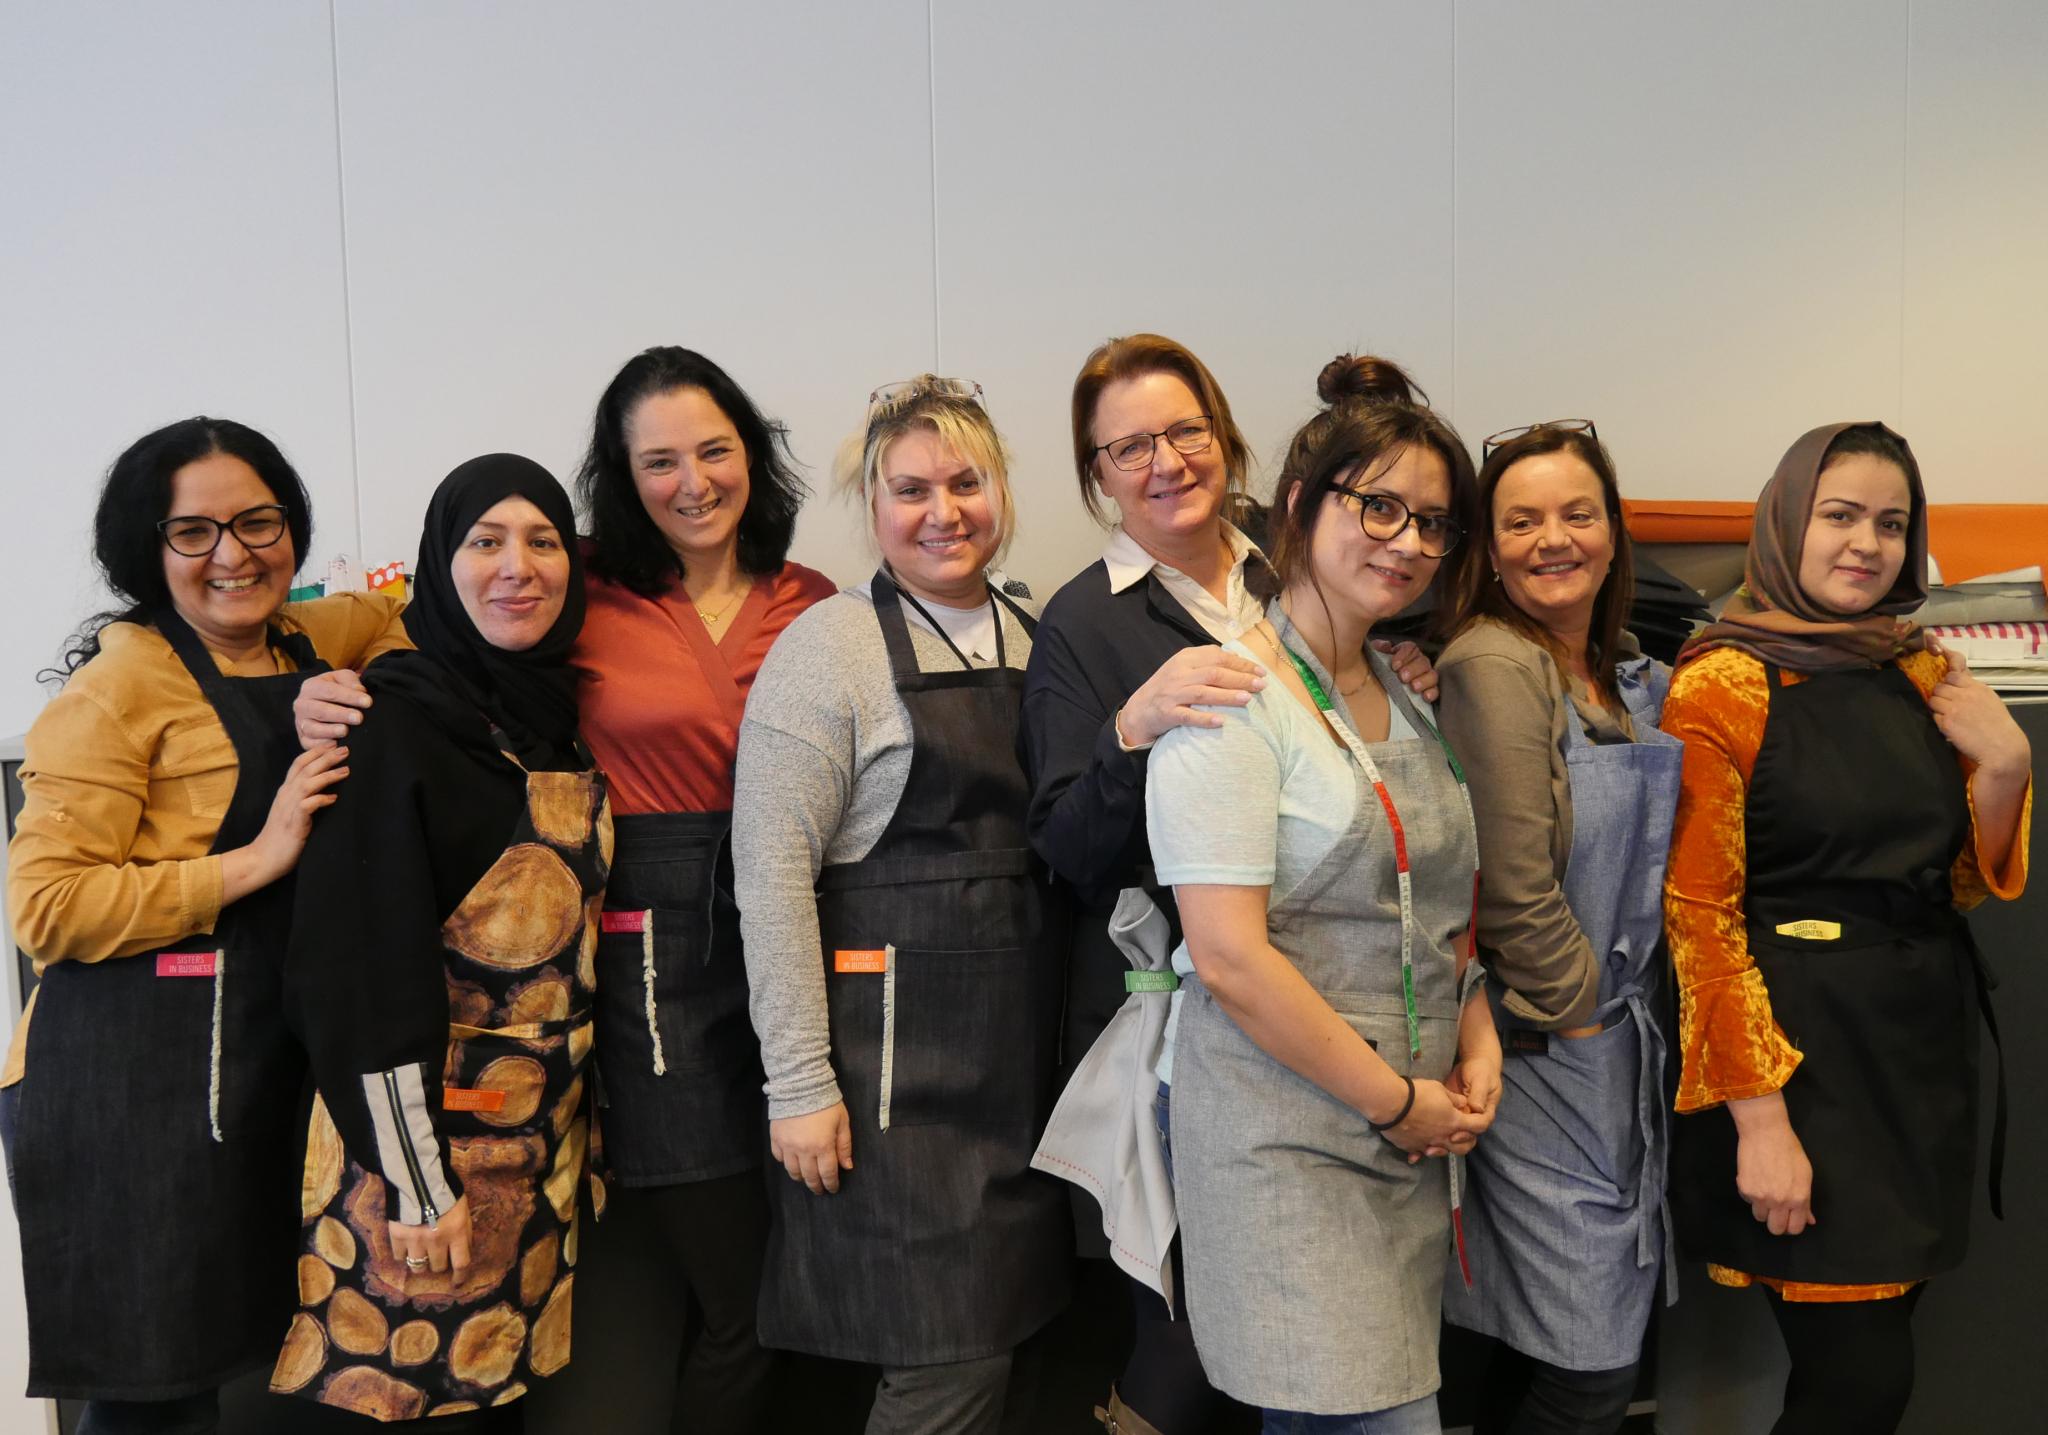 GLADE DAMER: Sisters in Business, her ved (fra venstre) Hamida Khoshbin, Sandra Tollefsen, Mansoureh Firouz Rousta, Katrine Aspelin, Zeynep Gunyol Guler, Eli Capoferro, Fatima Melala og Farzaneh Aghalo.